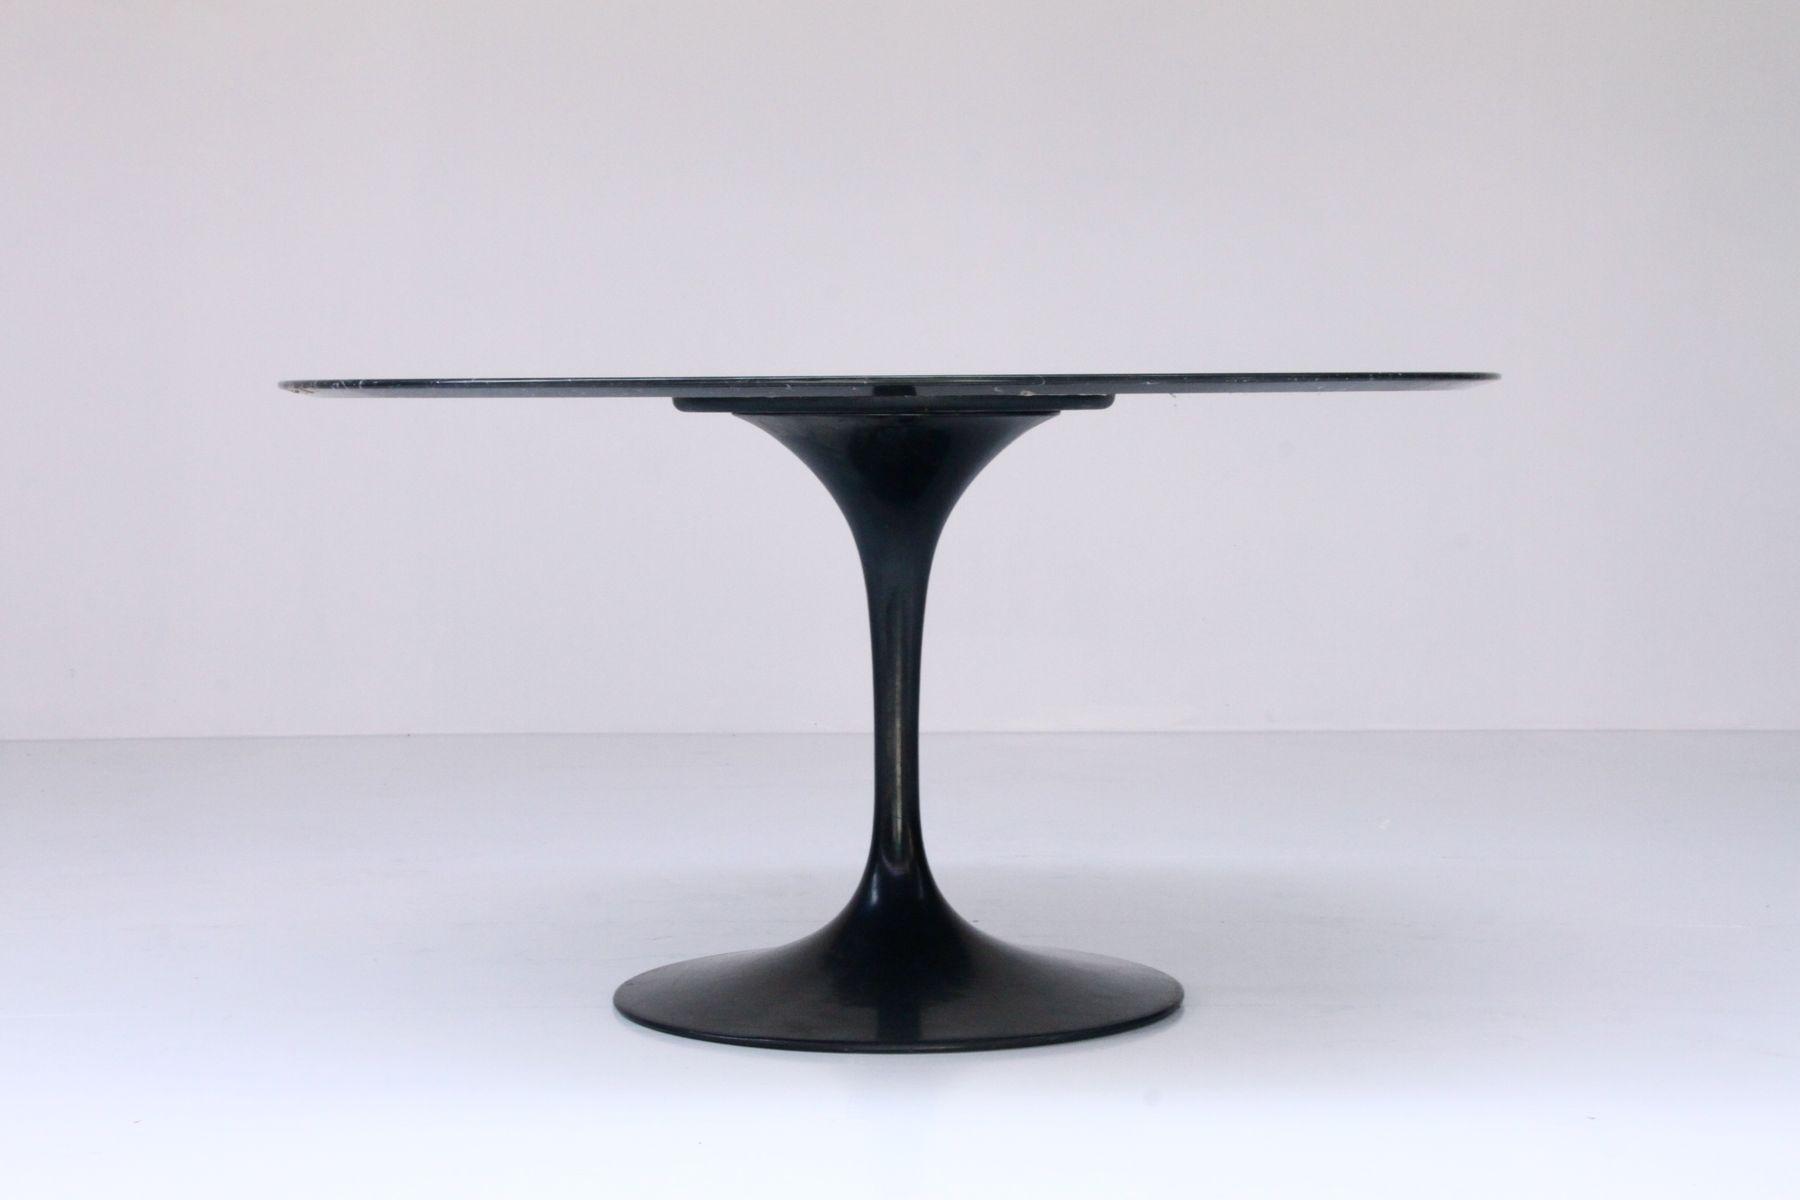 tulip tisch von eero saarinen f r knoll 1970 bei pamono kaufen. Black Bedroom Furniture Sets. Home Design Ideas